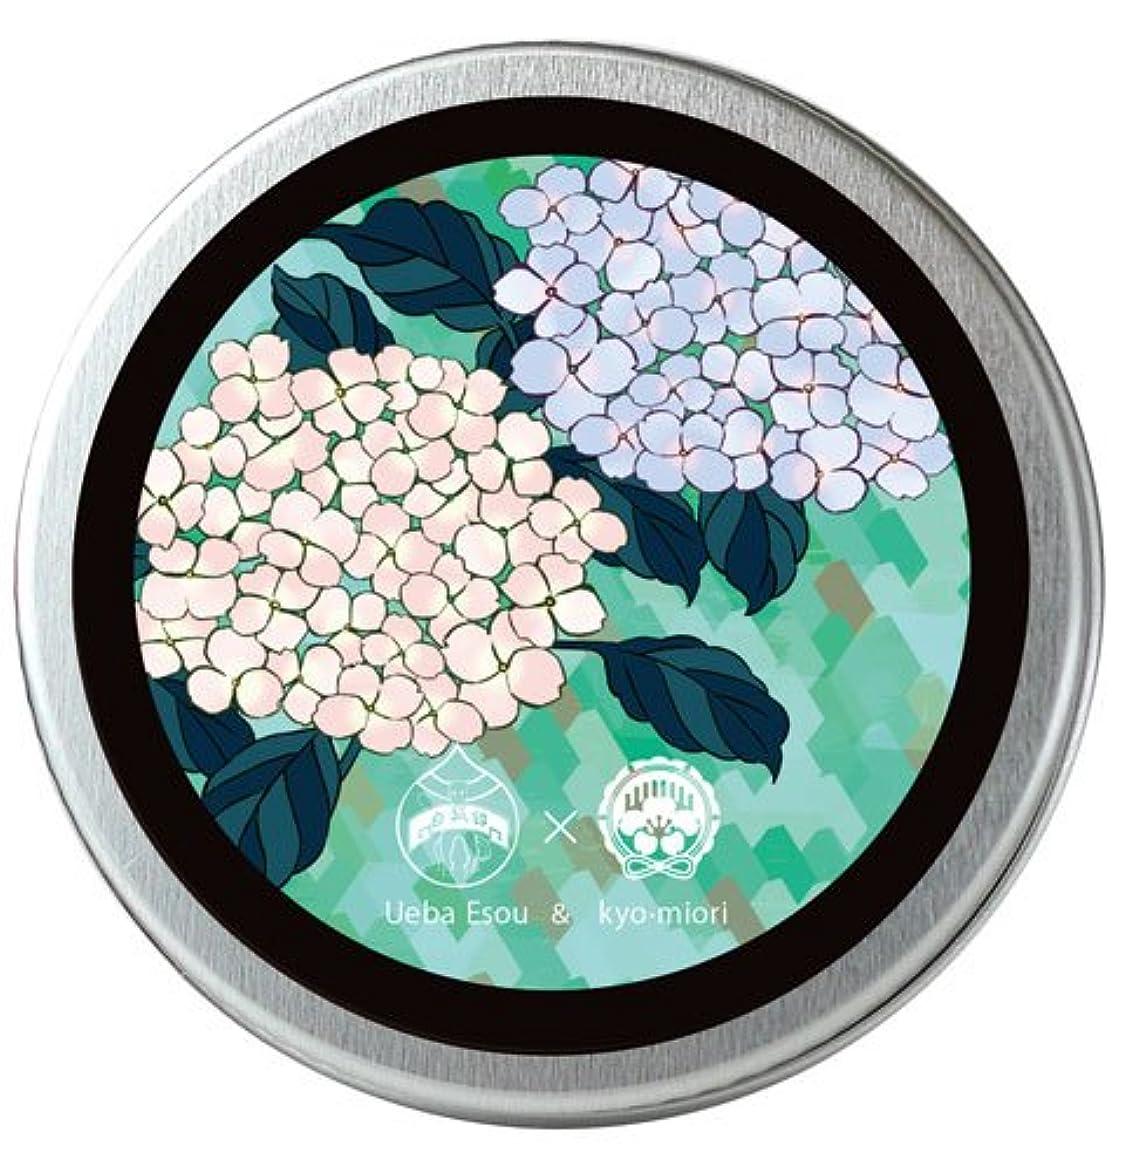 はがきアームストロング値する恋する珠肌はんどくりーむ 6月(紫陽花)